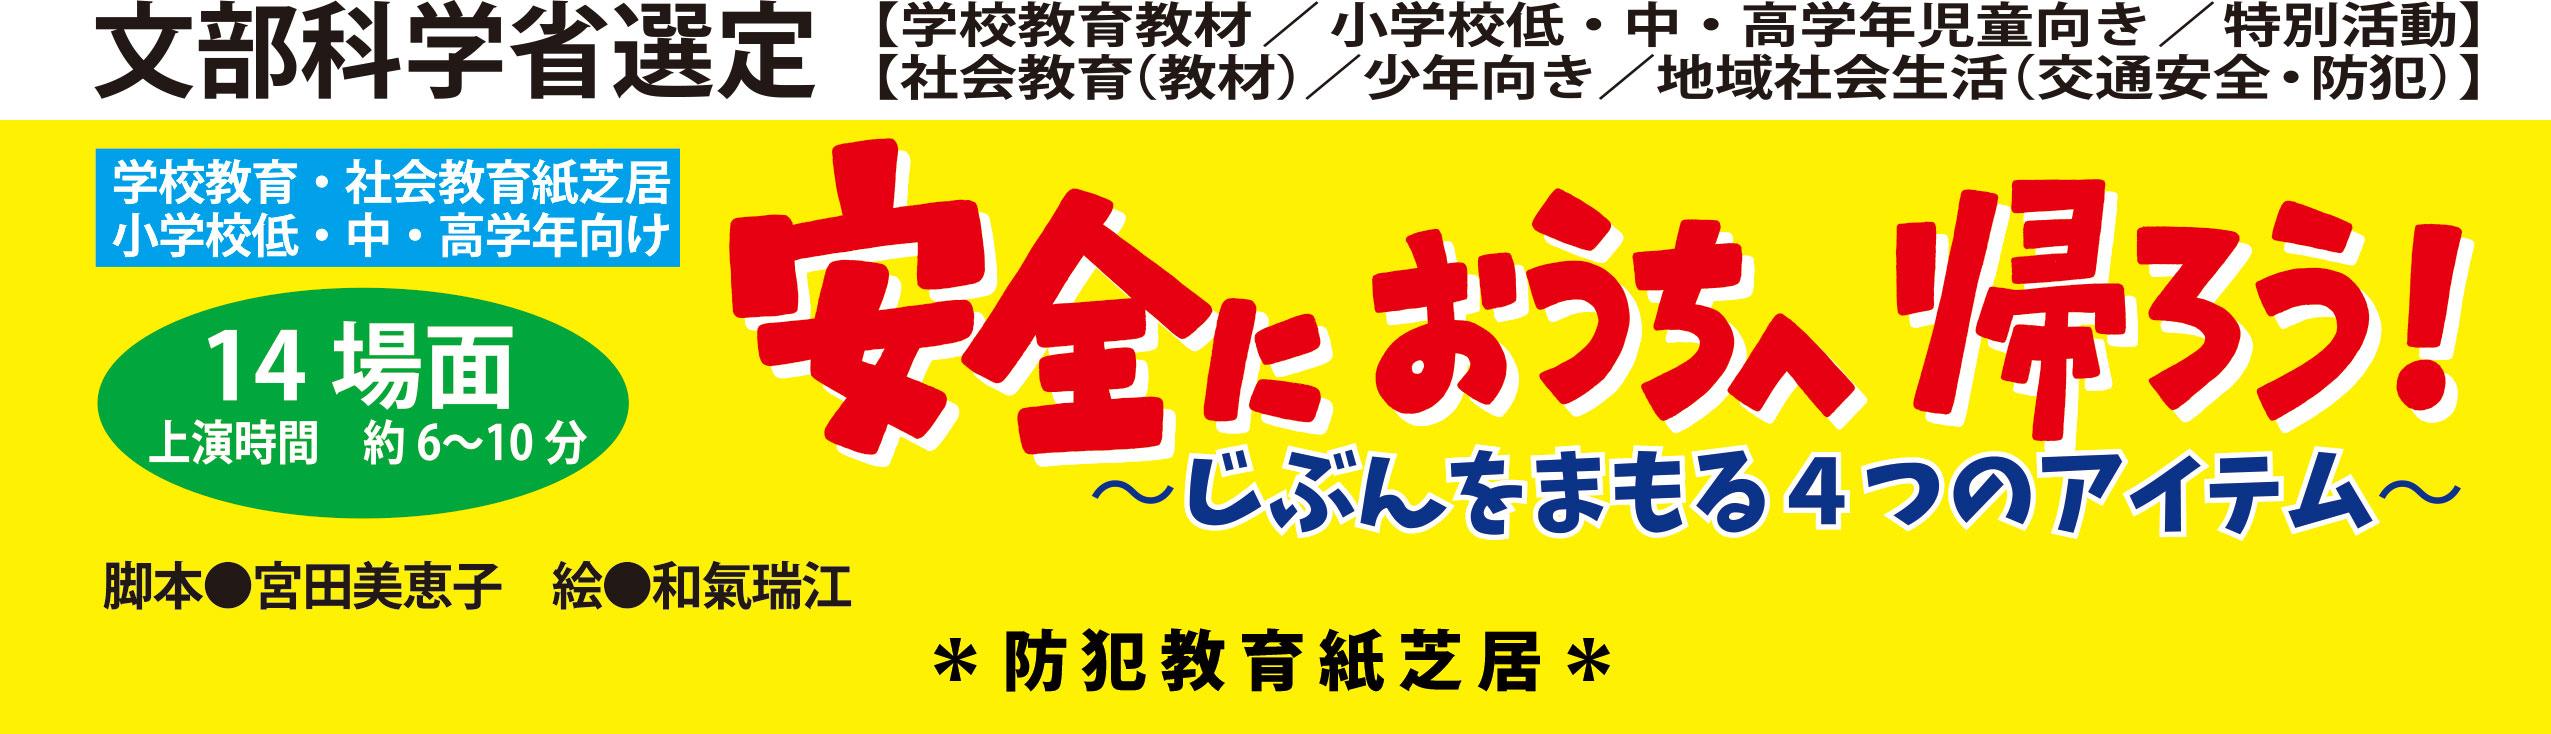 紙芝居『安全におうちへ帰ろう!』